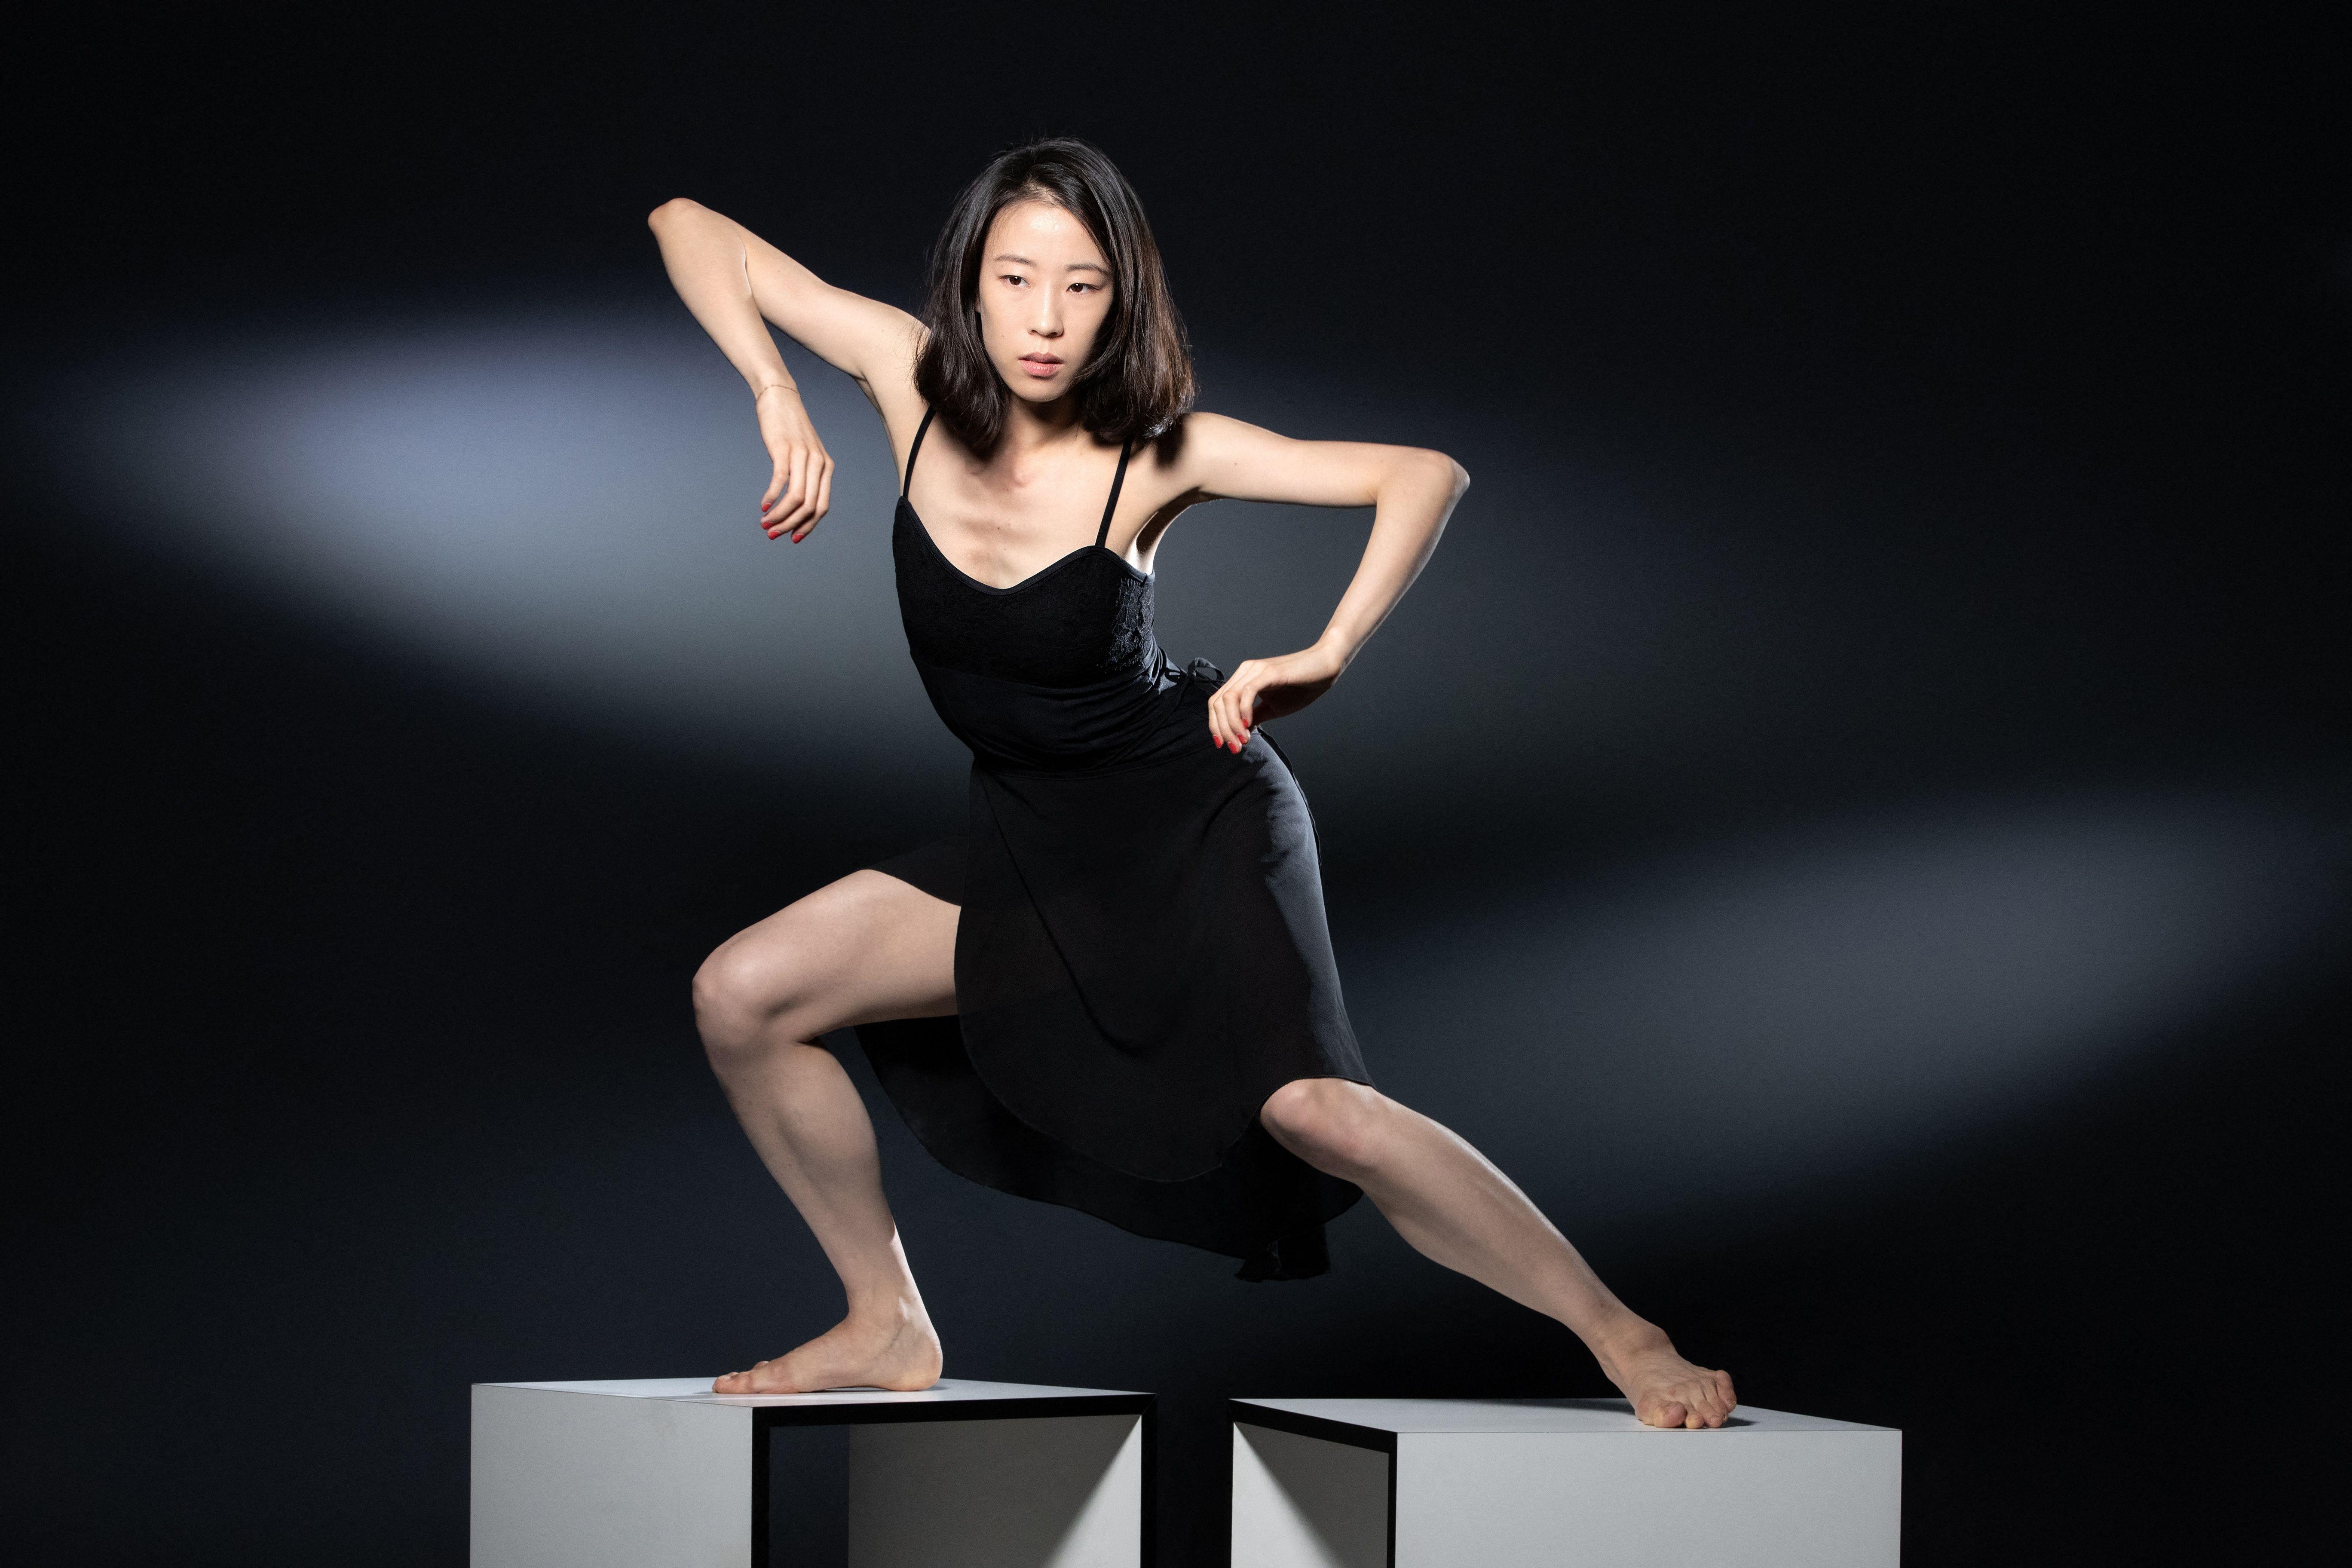 L'Opéra de Paris fait de Sae Eun Park sa 1re danseuse étoile Sud-Coréenne (photo du 4 septembre